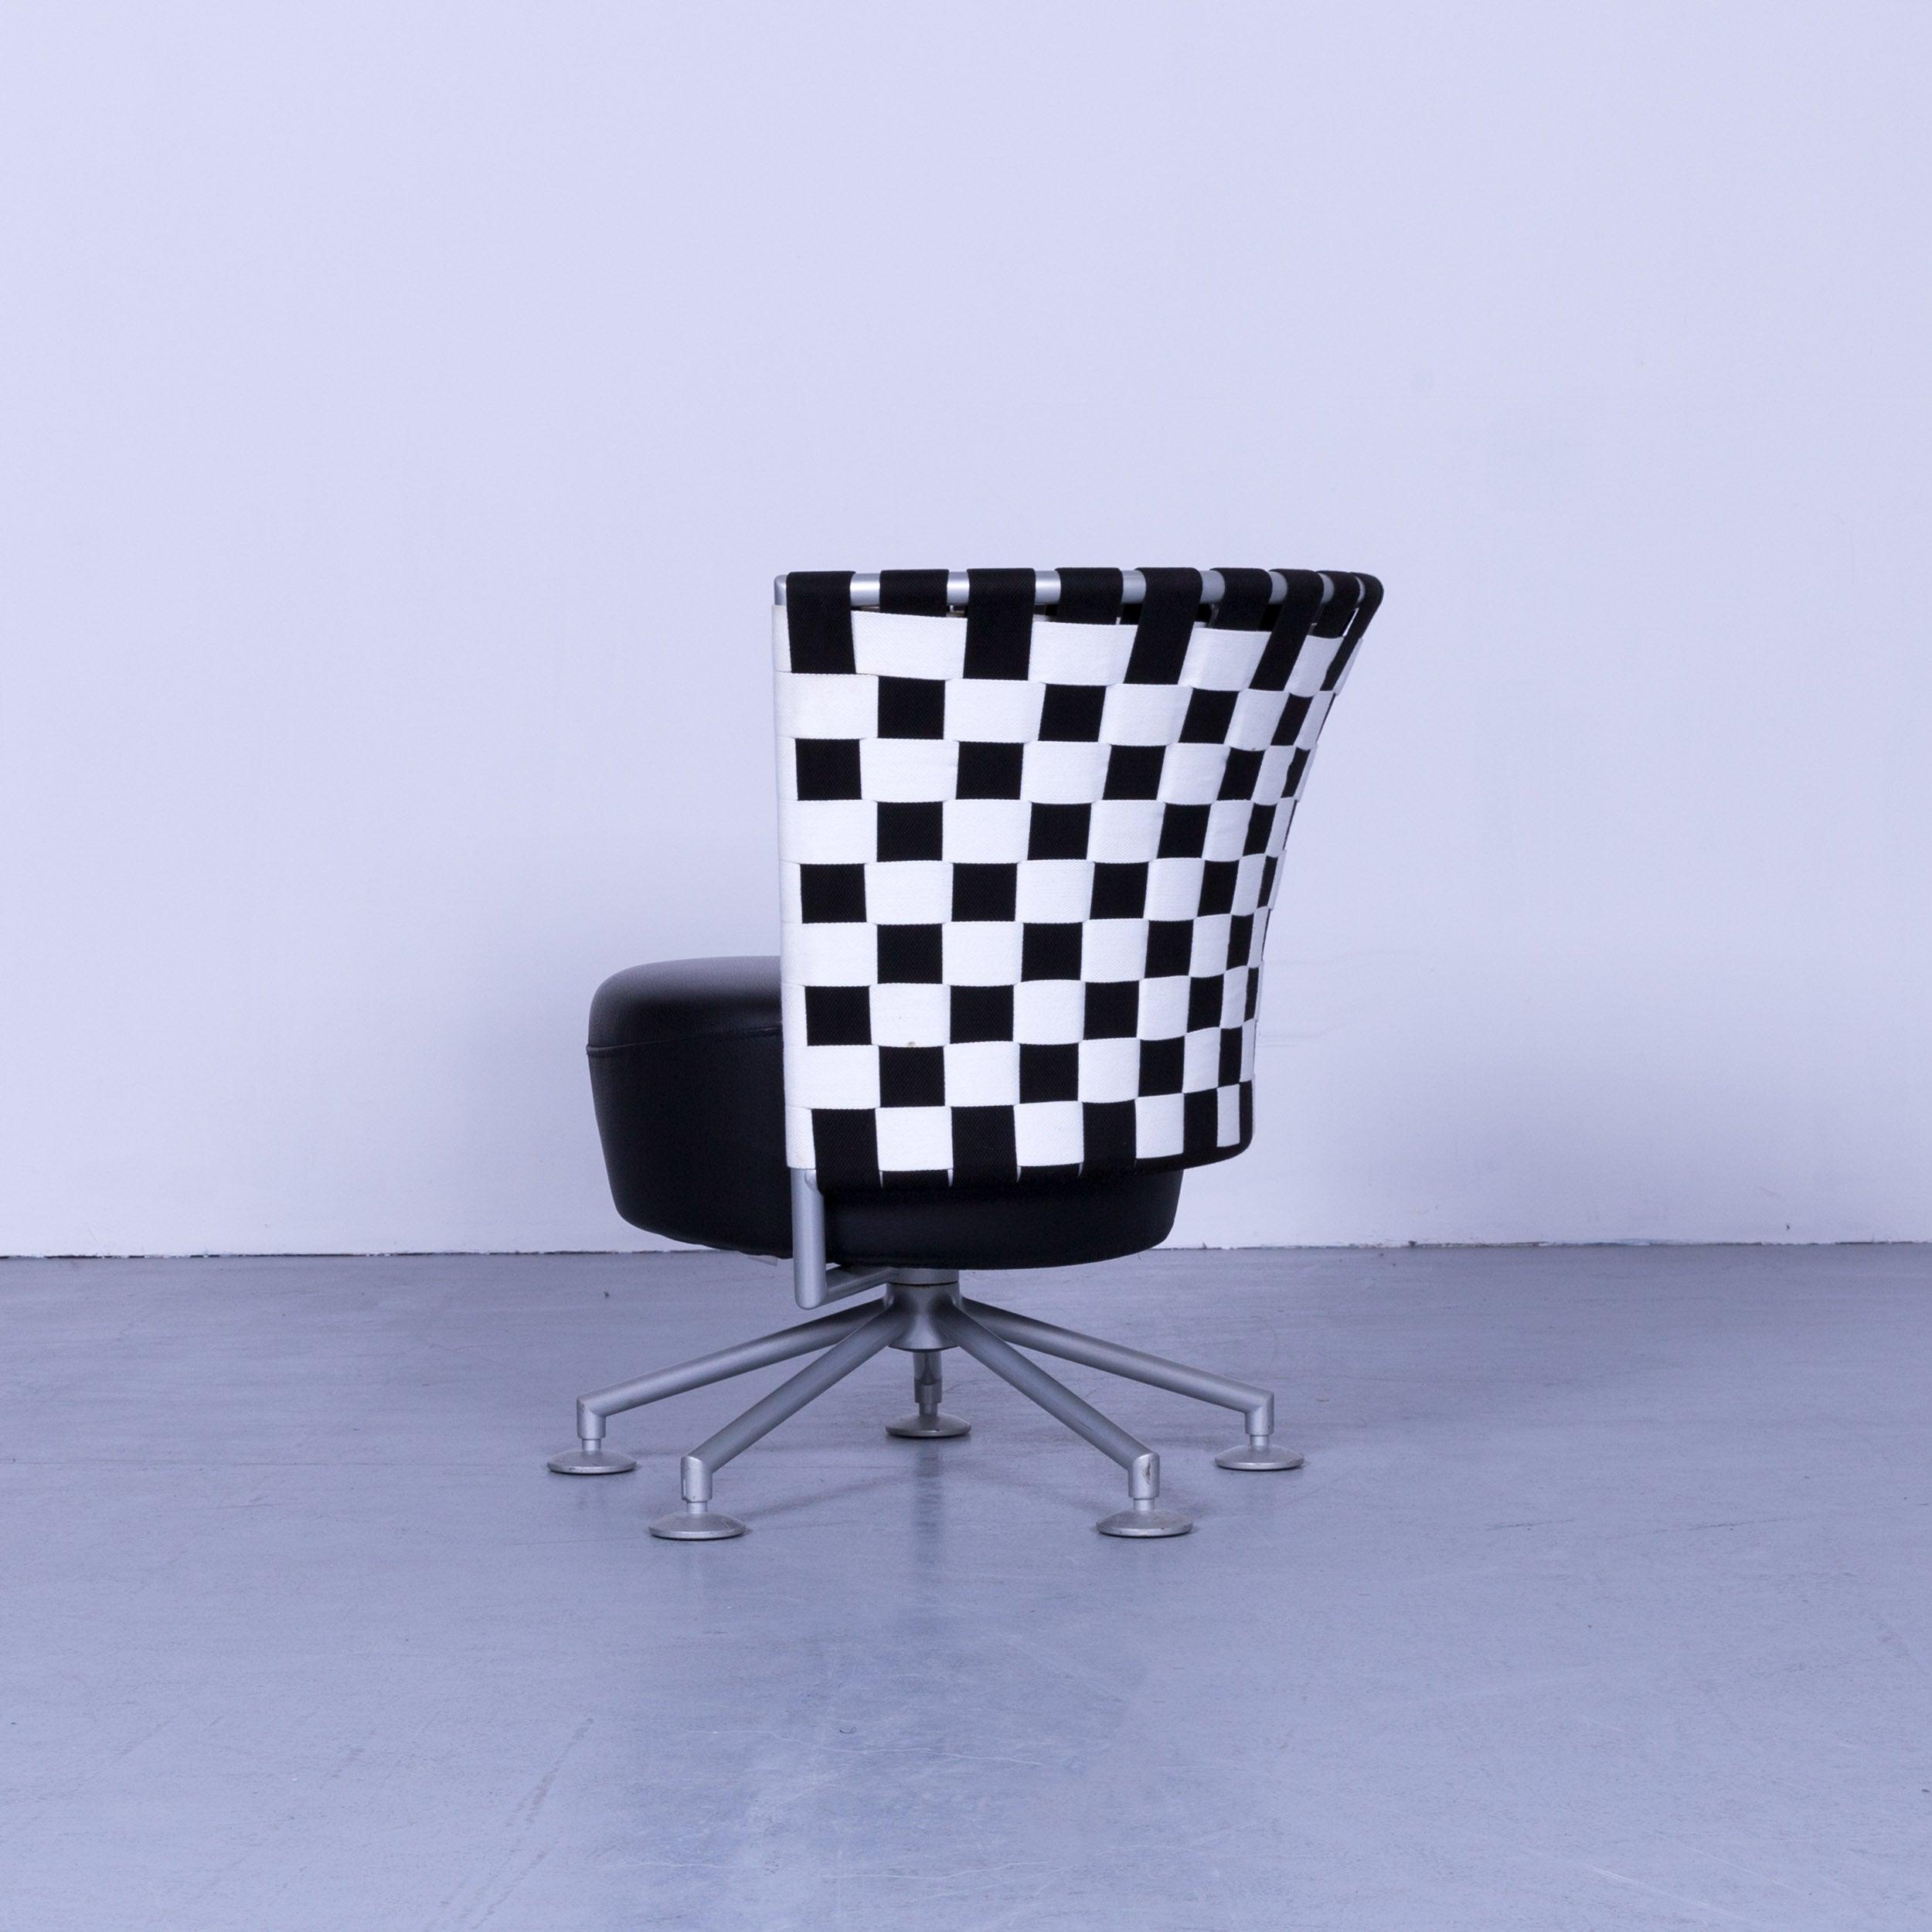 Wunderbar Surprising Sessel 60er Design Bilder - Heimat Ideen ...